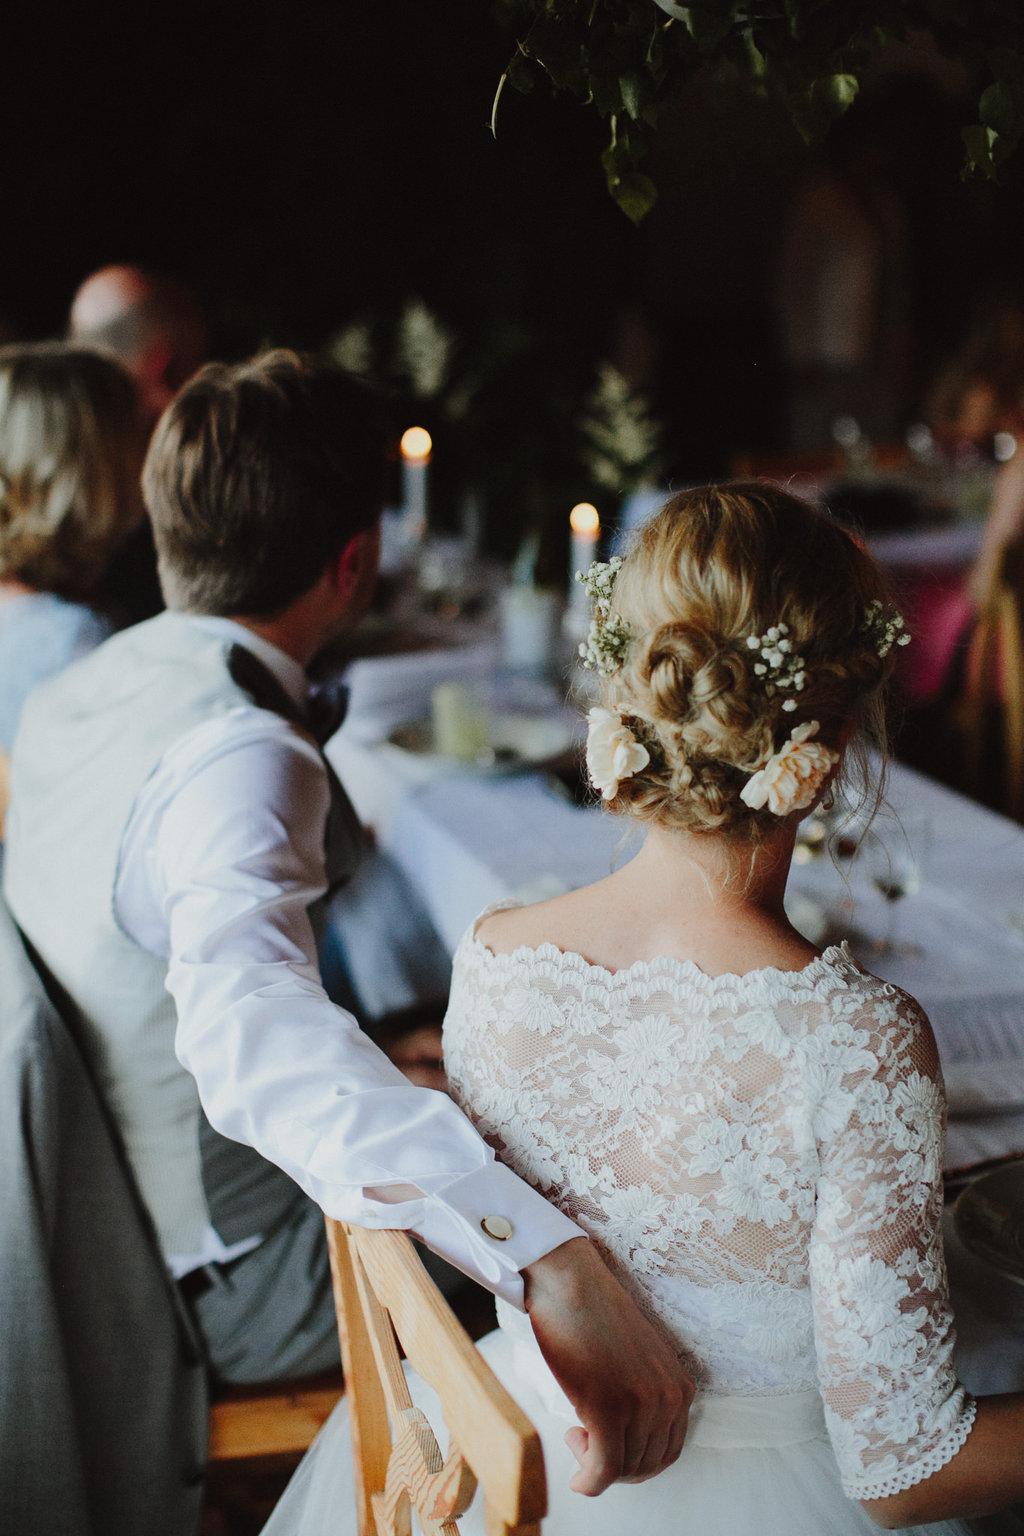 140607_wedding_emelie_gustav_pp-1130.jpg